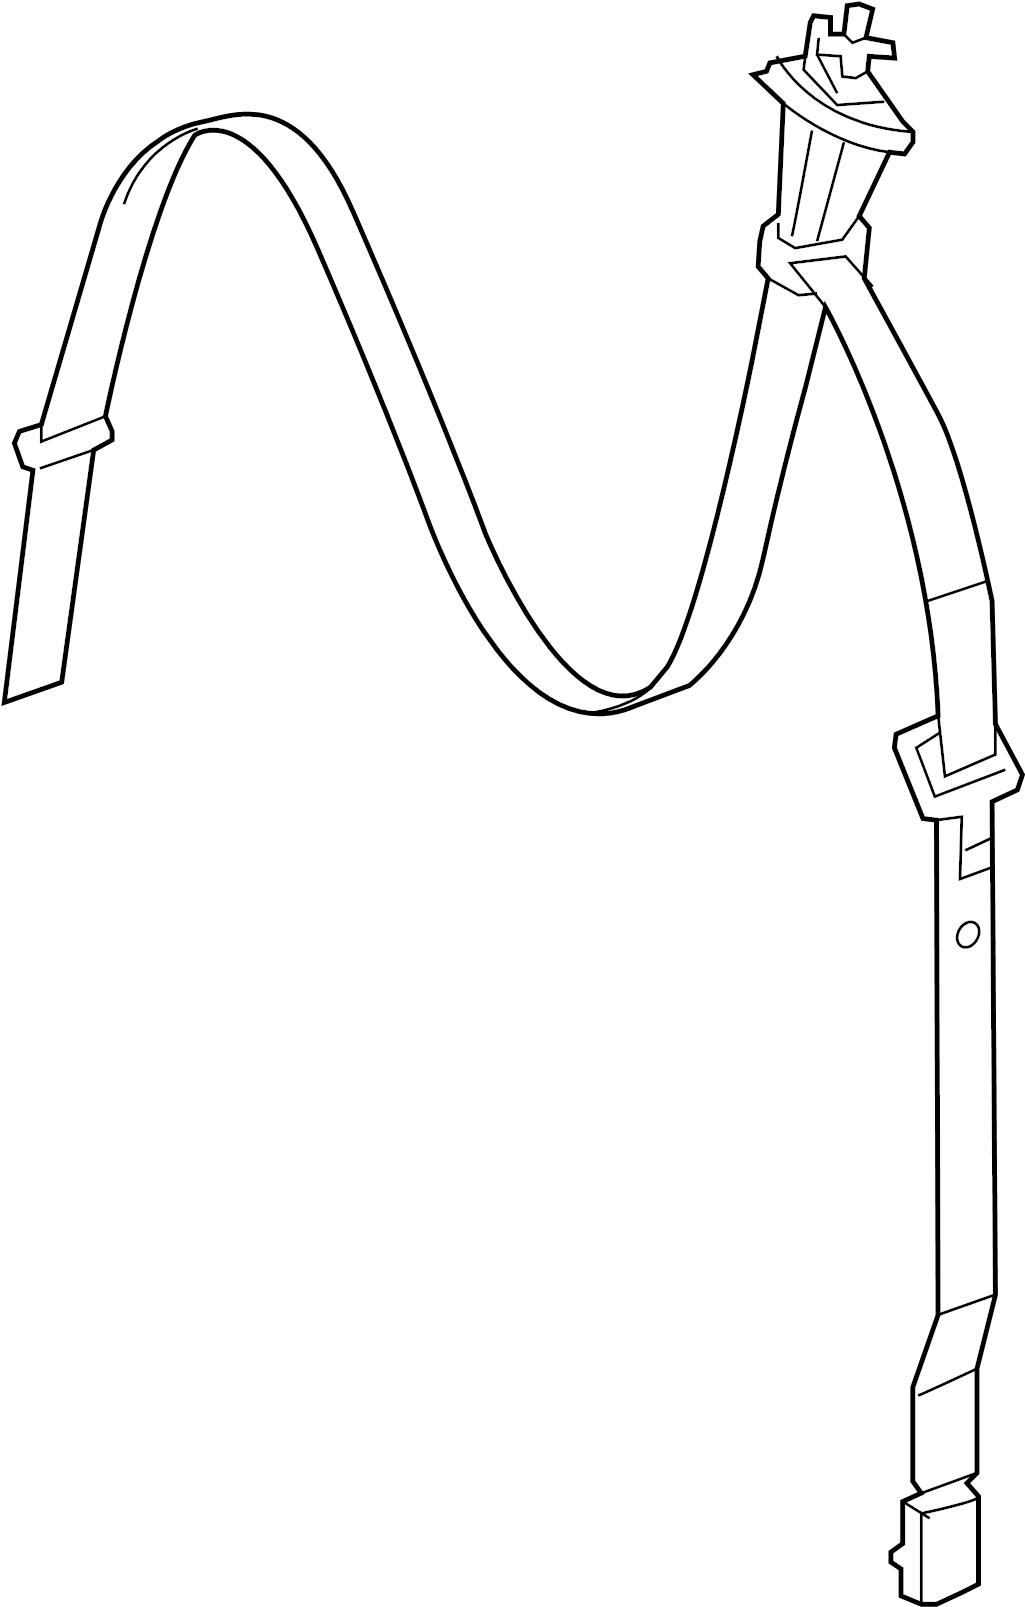 Volkswagen Routan Seat Belt Lap And Shoulder Belt